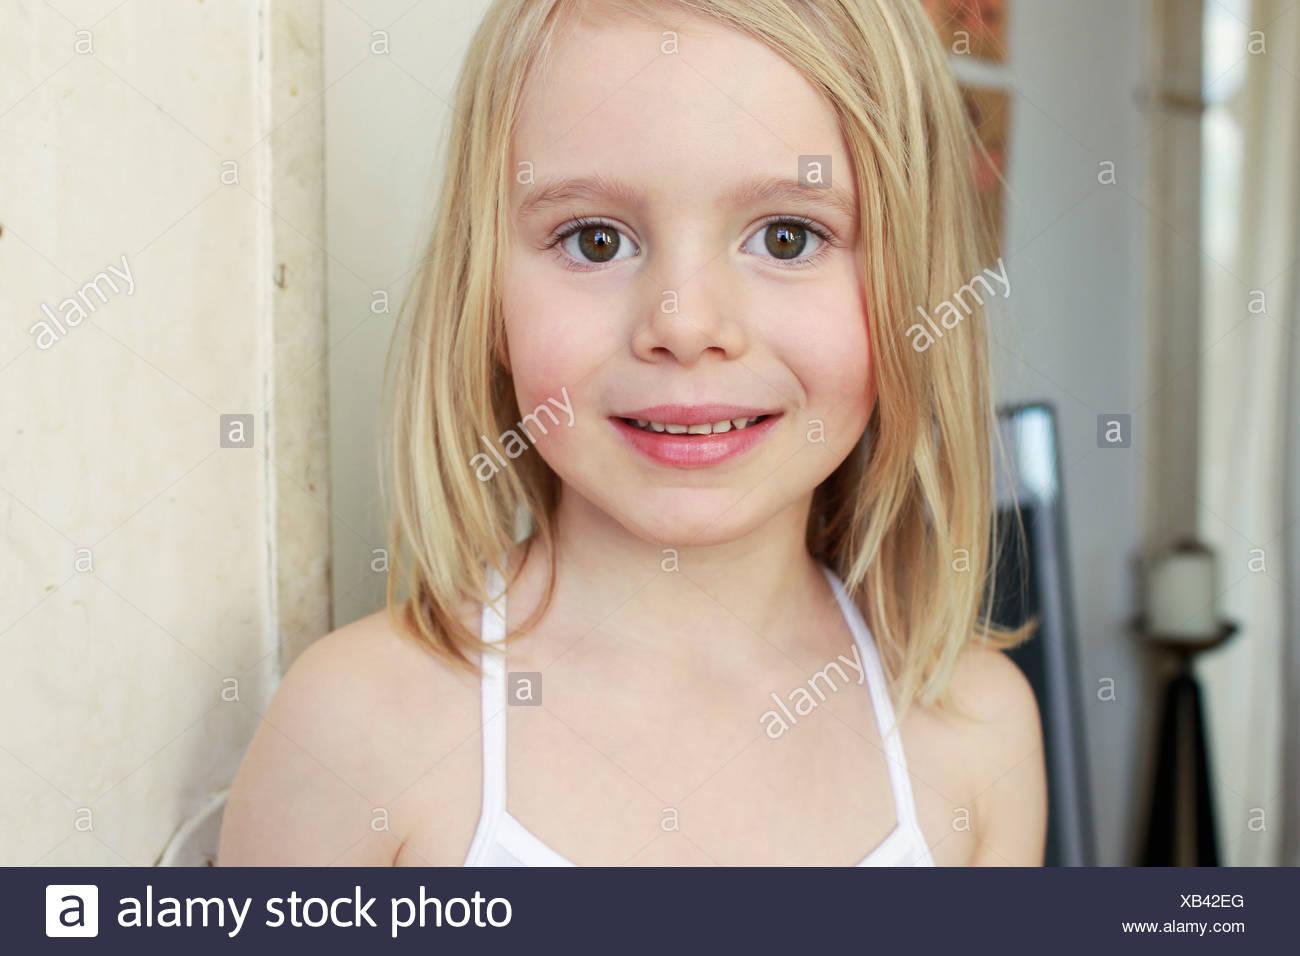 Ritratto di giovane ragazza innocente nel corridoio Immagini Stock